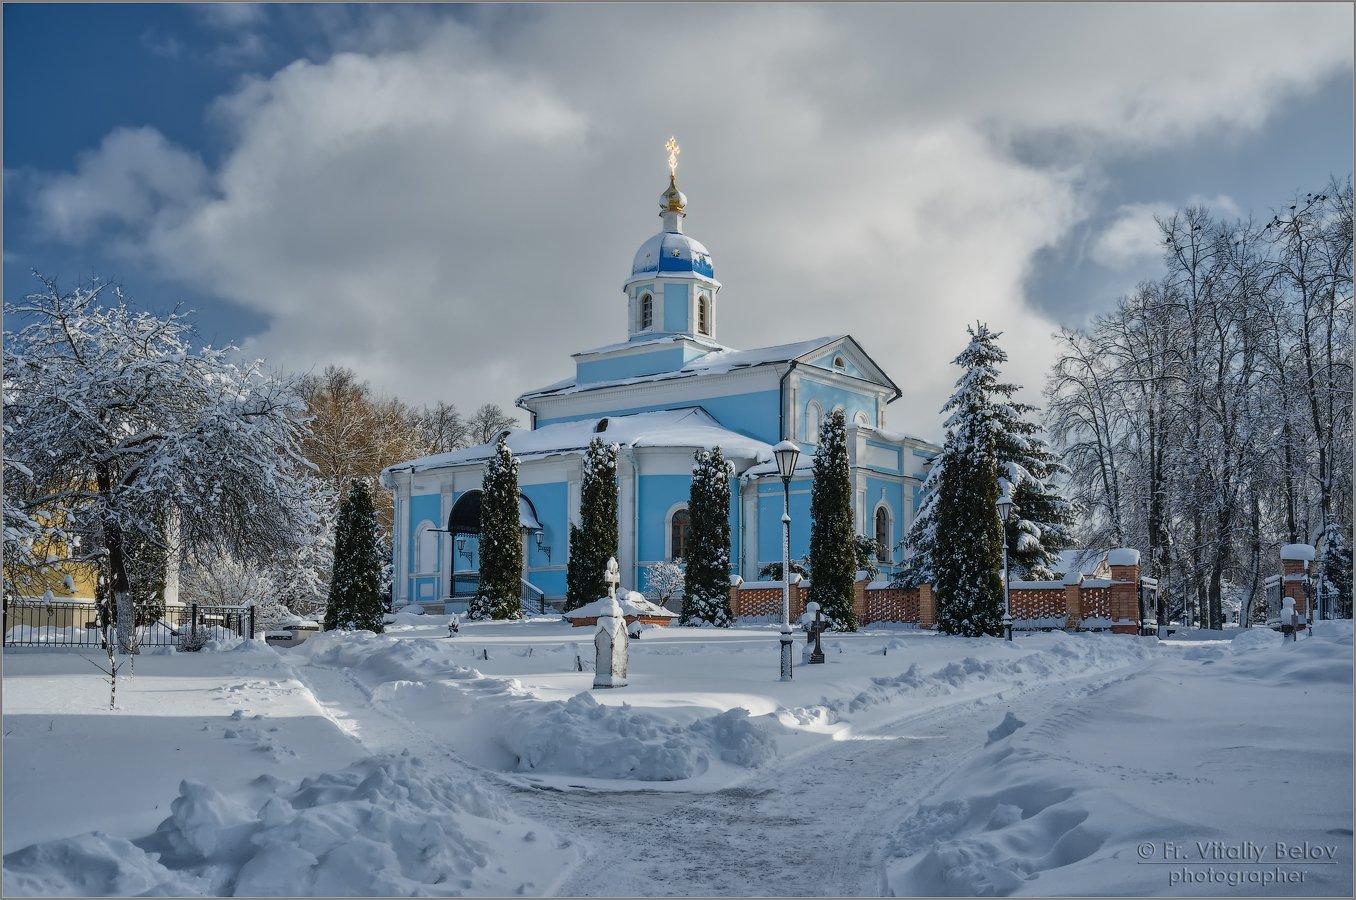 Зимние краски (снимок сделан 5 февраля 2018 г.)